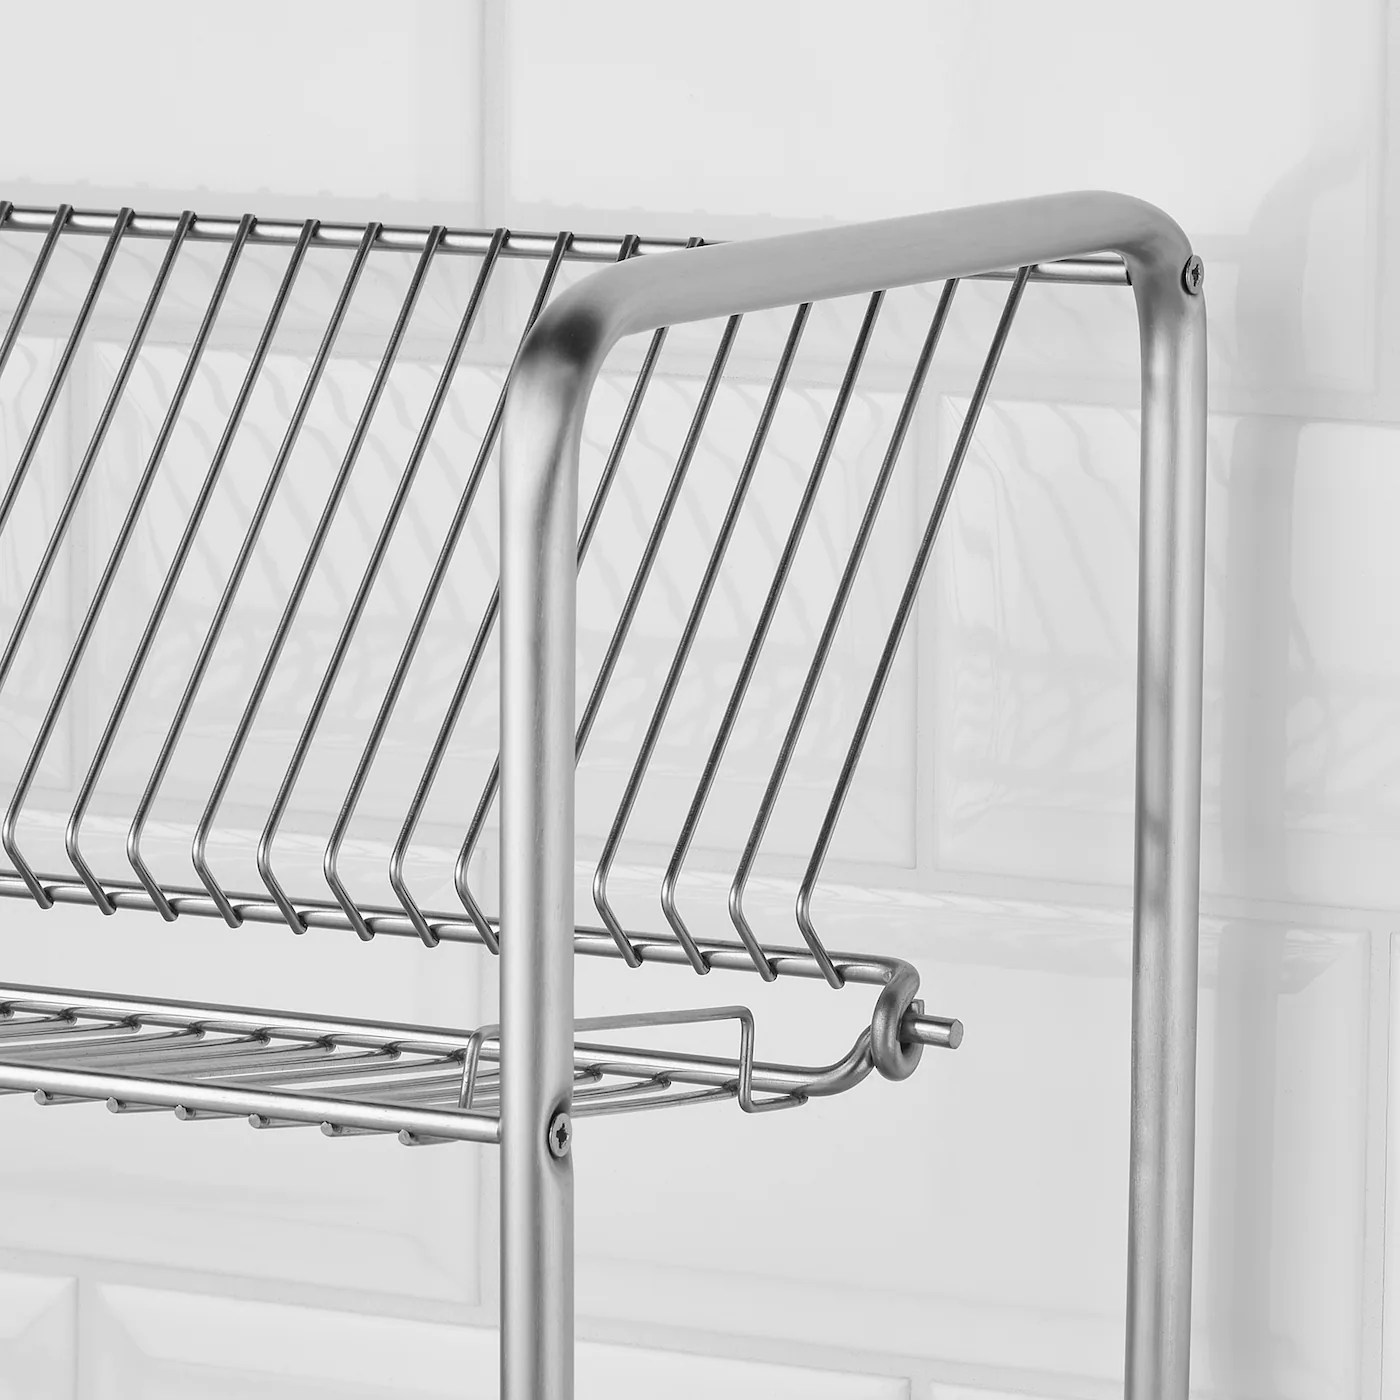 ordning egouttoir a vaisselle acier inoxydable 50x27x36 cm